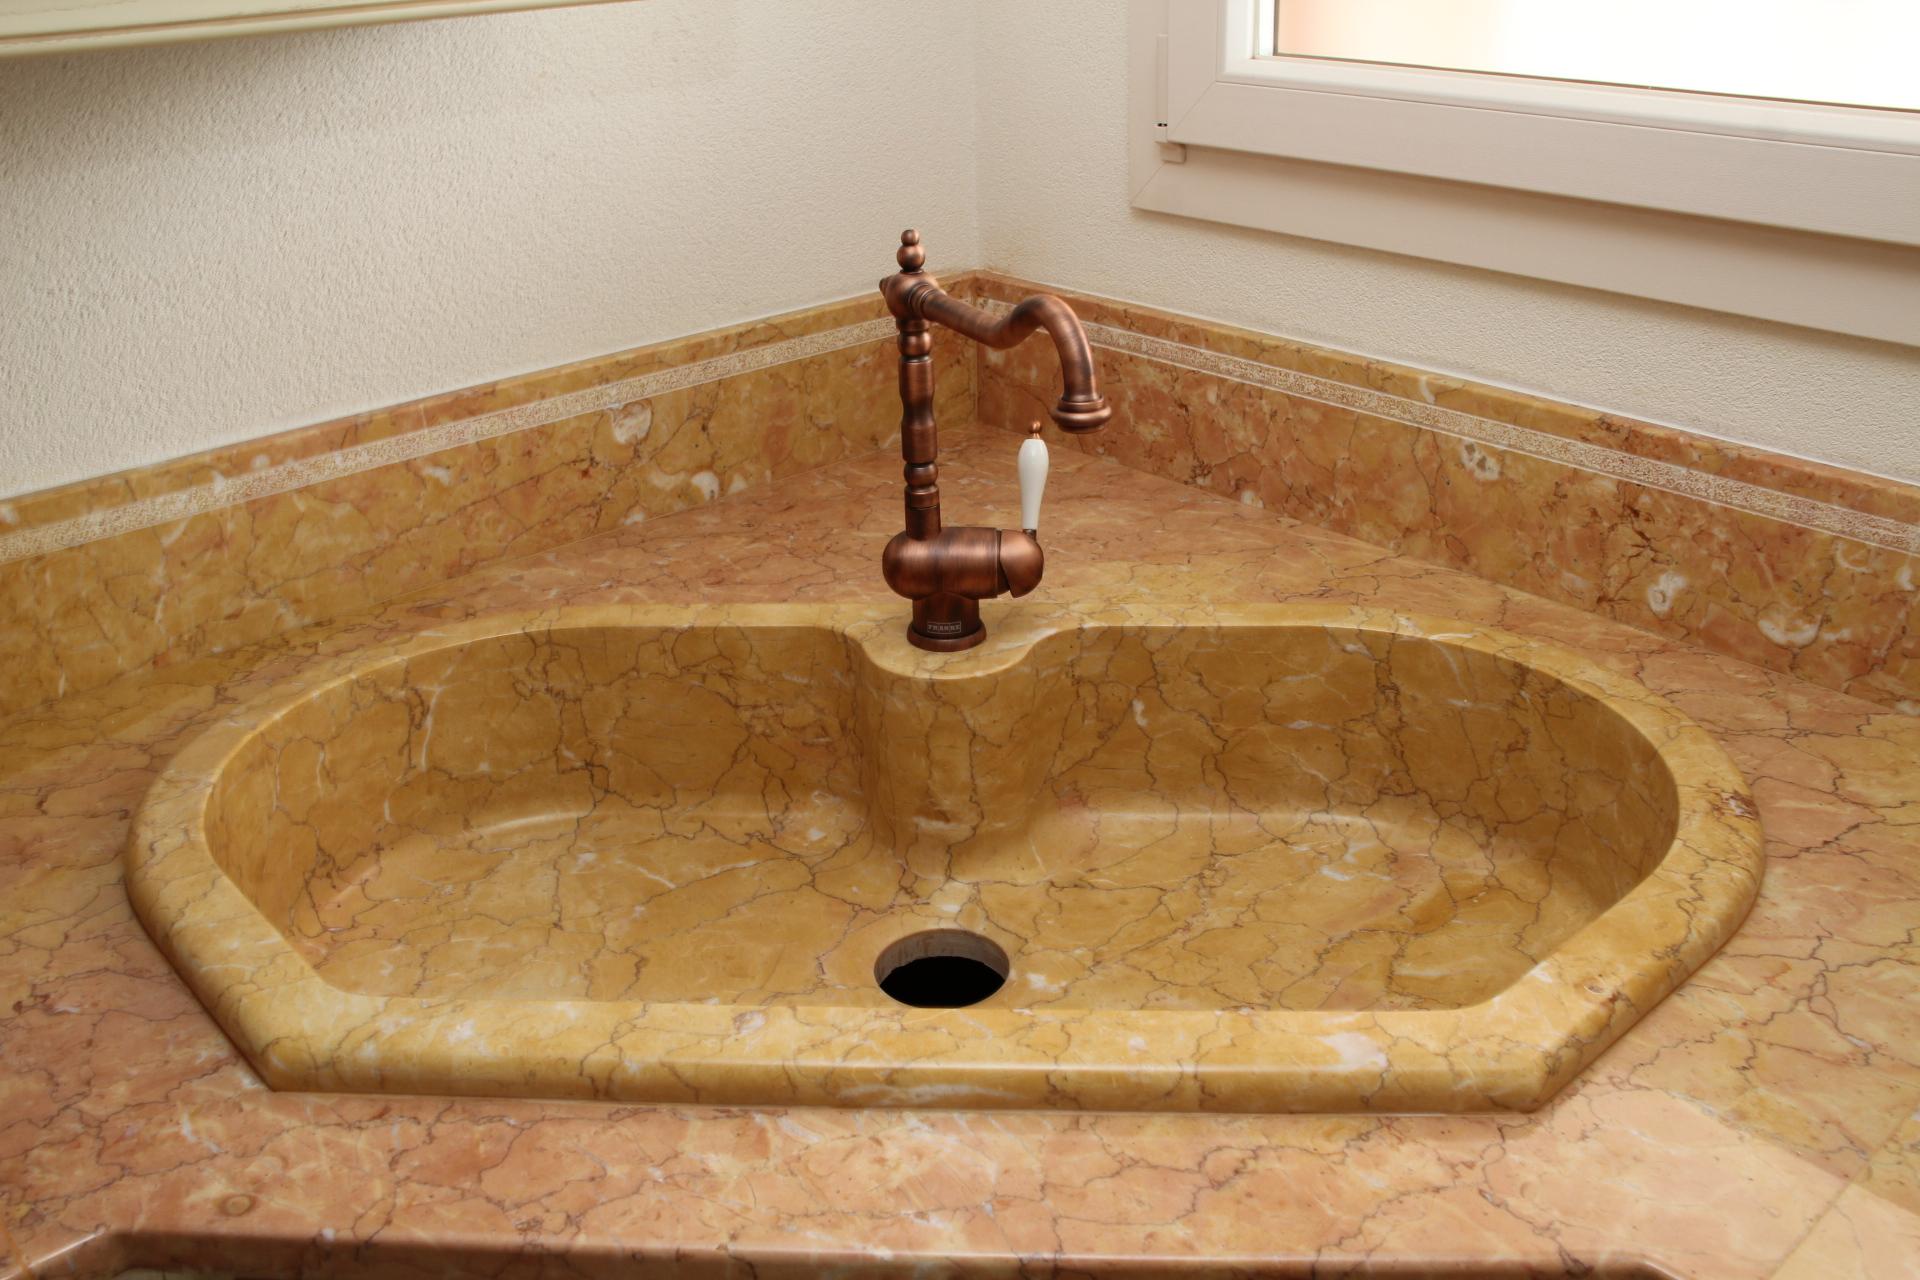 Immagini lavelli e catini di marmo massello - Lavandini in marmo per cucina ...